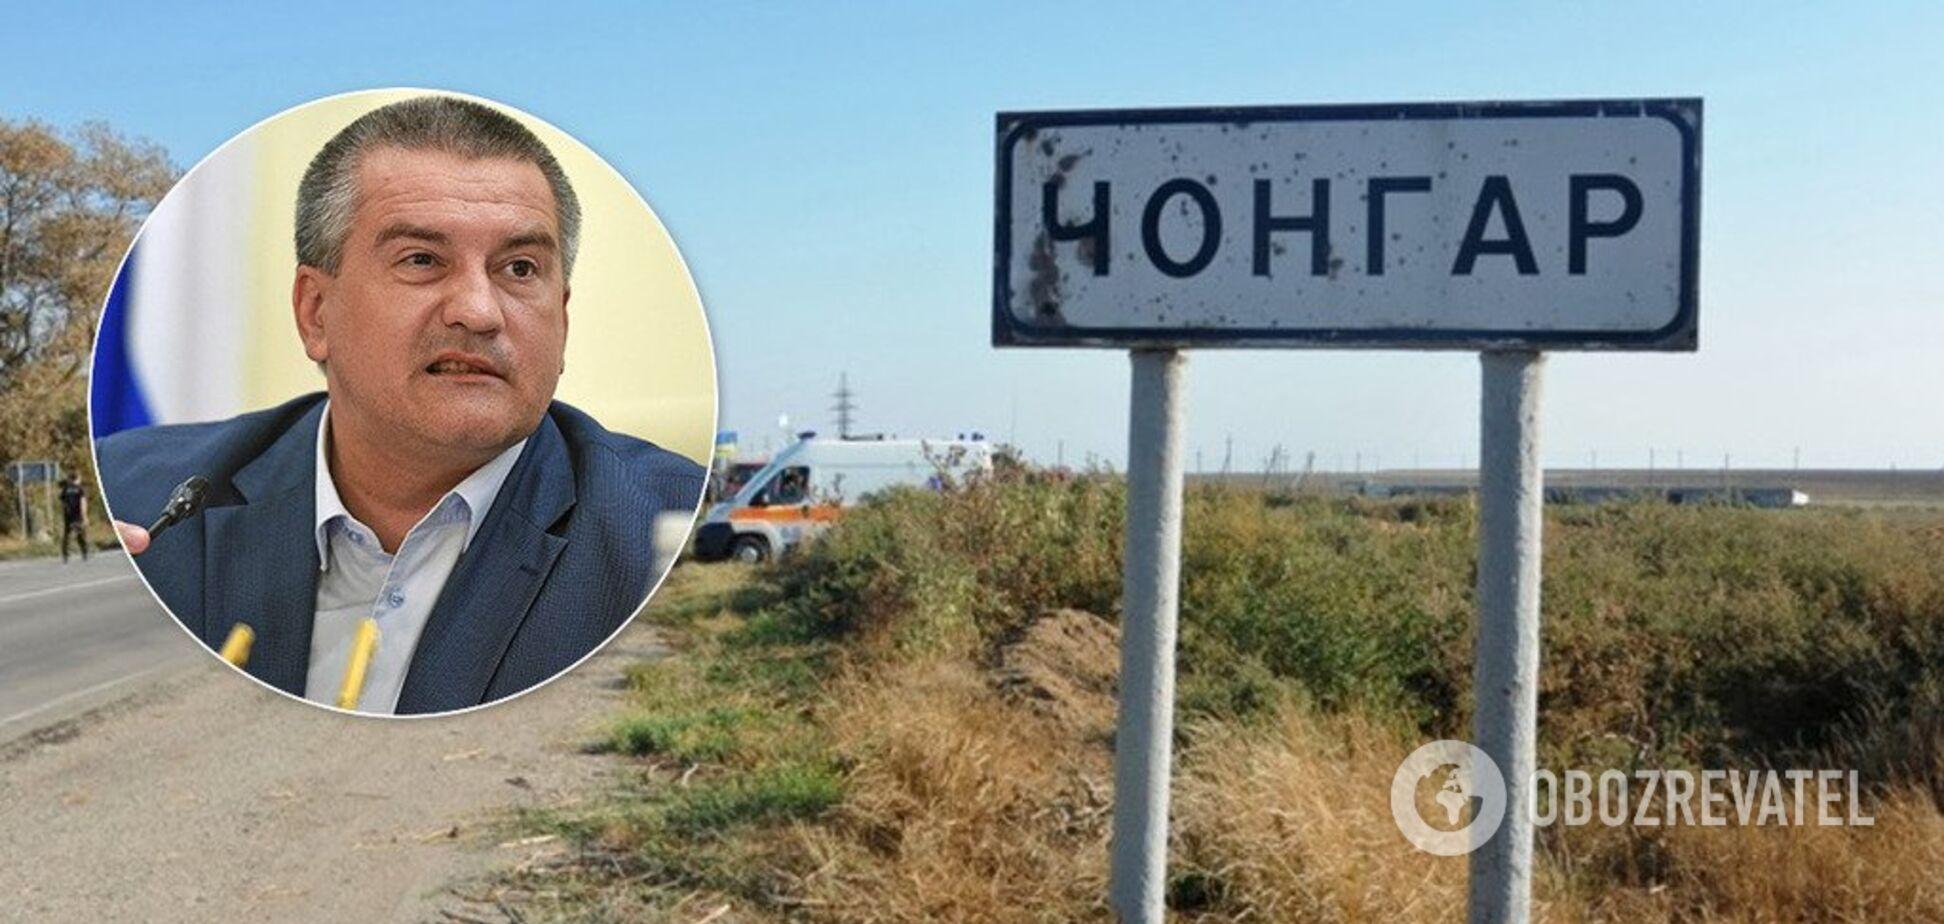 'Провокатори, шантажисти!' У Криму запанікували через 'силовий прорив' на півострів